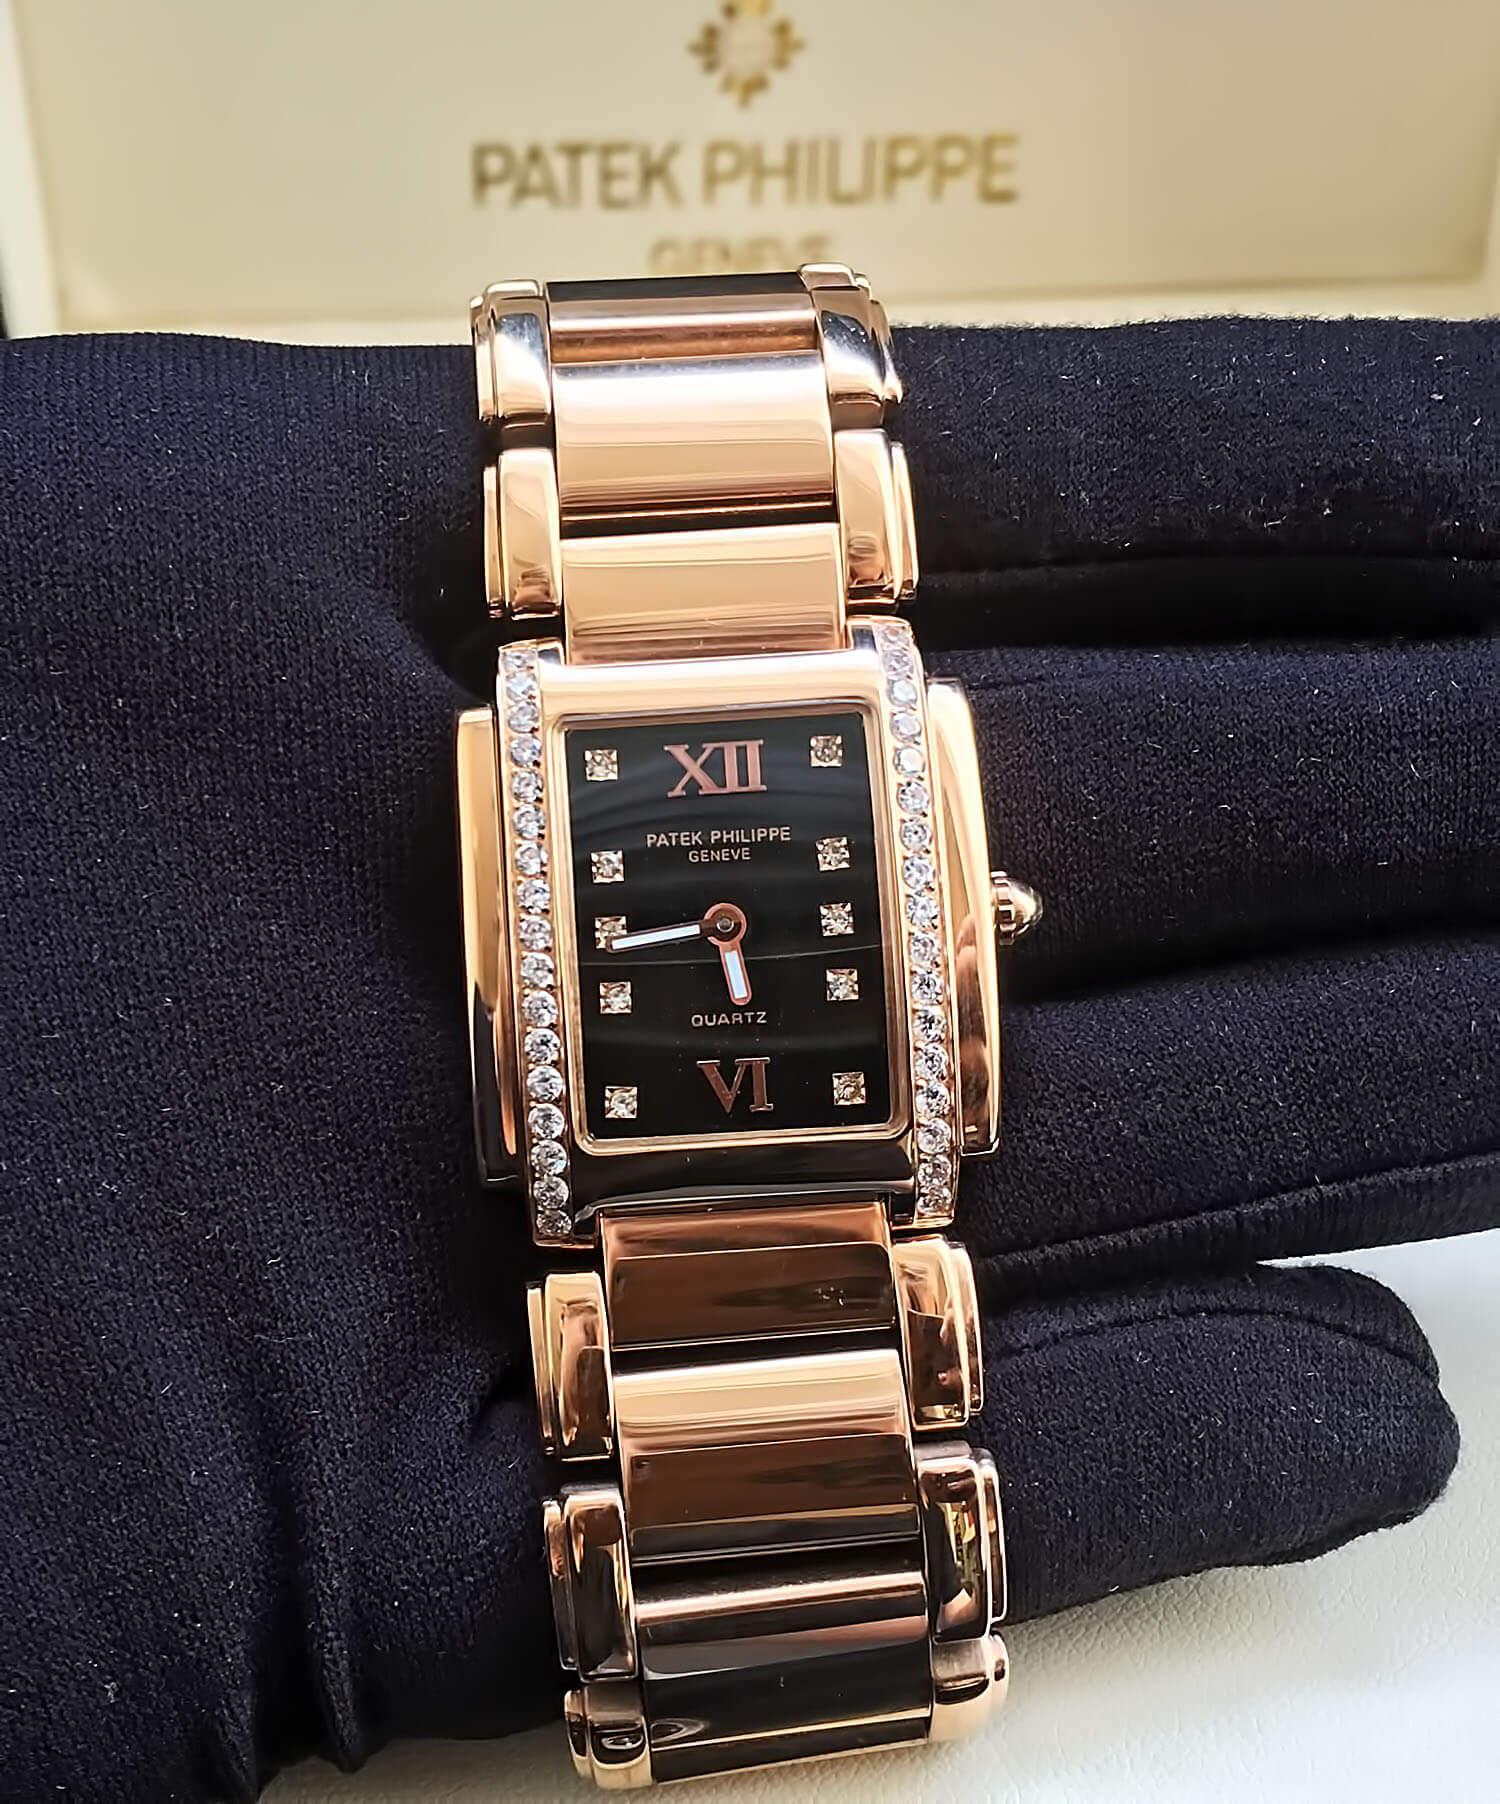 Циферблат реплики часов Patek Philippe Twenty-4